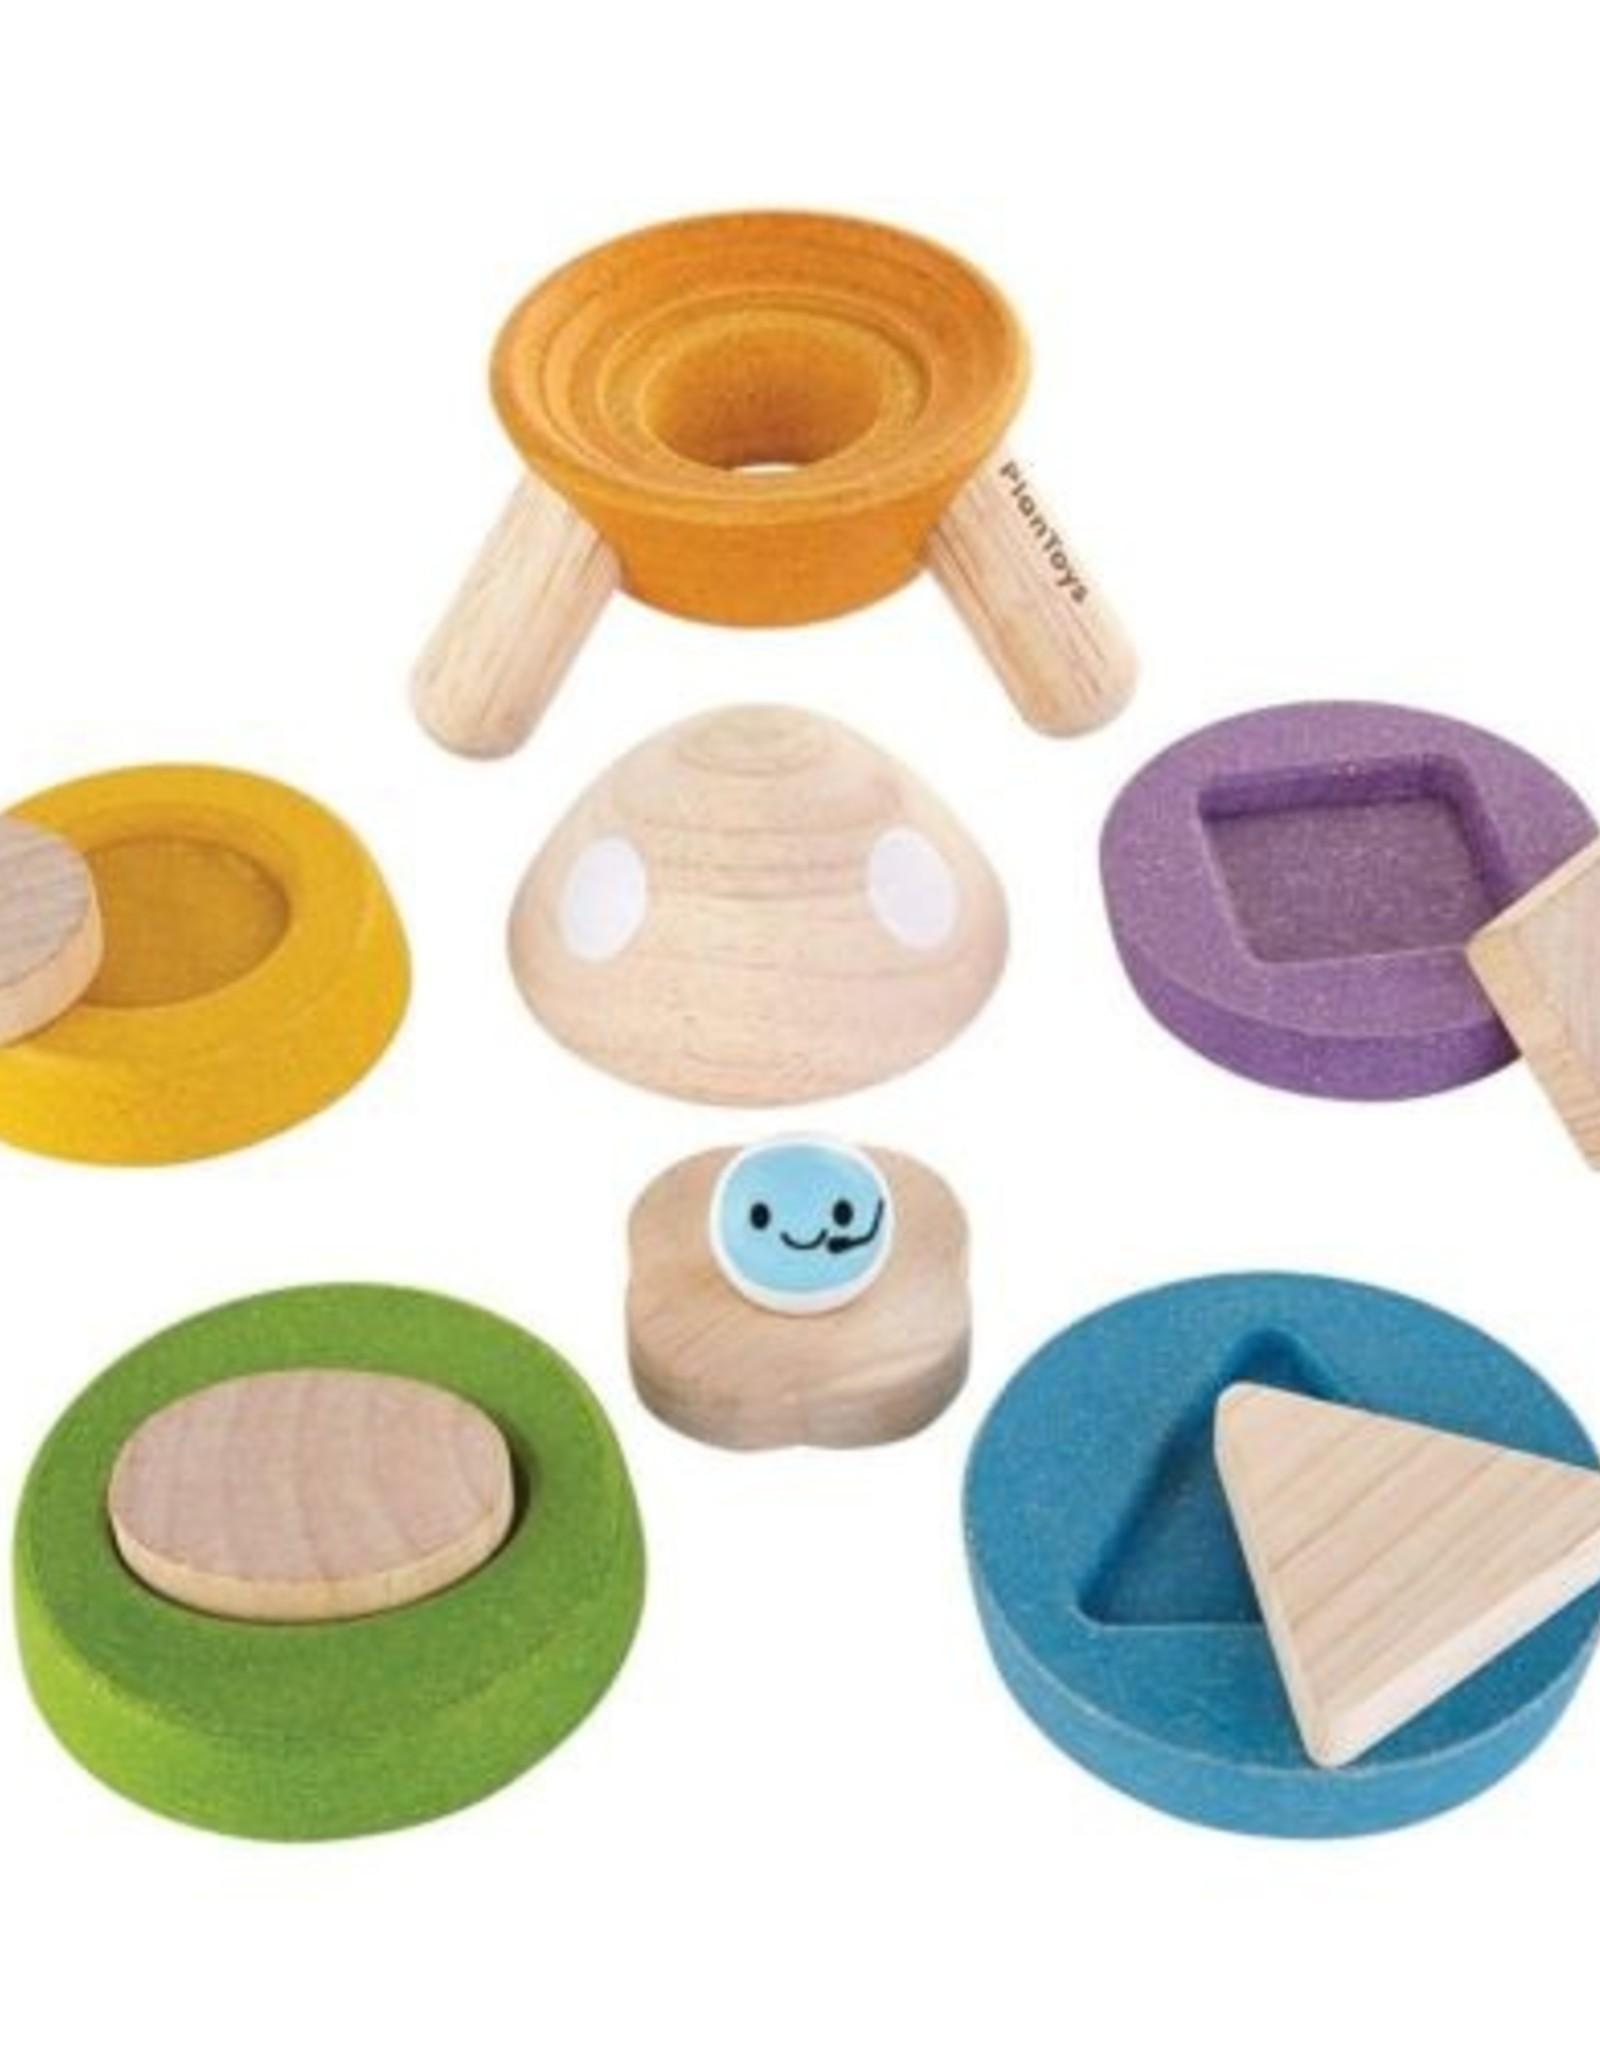 Plan Toys Plan Toys Stacking Rocket